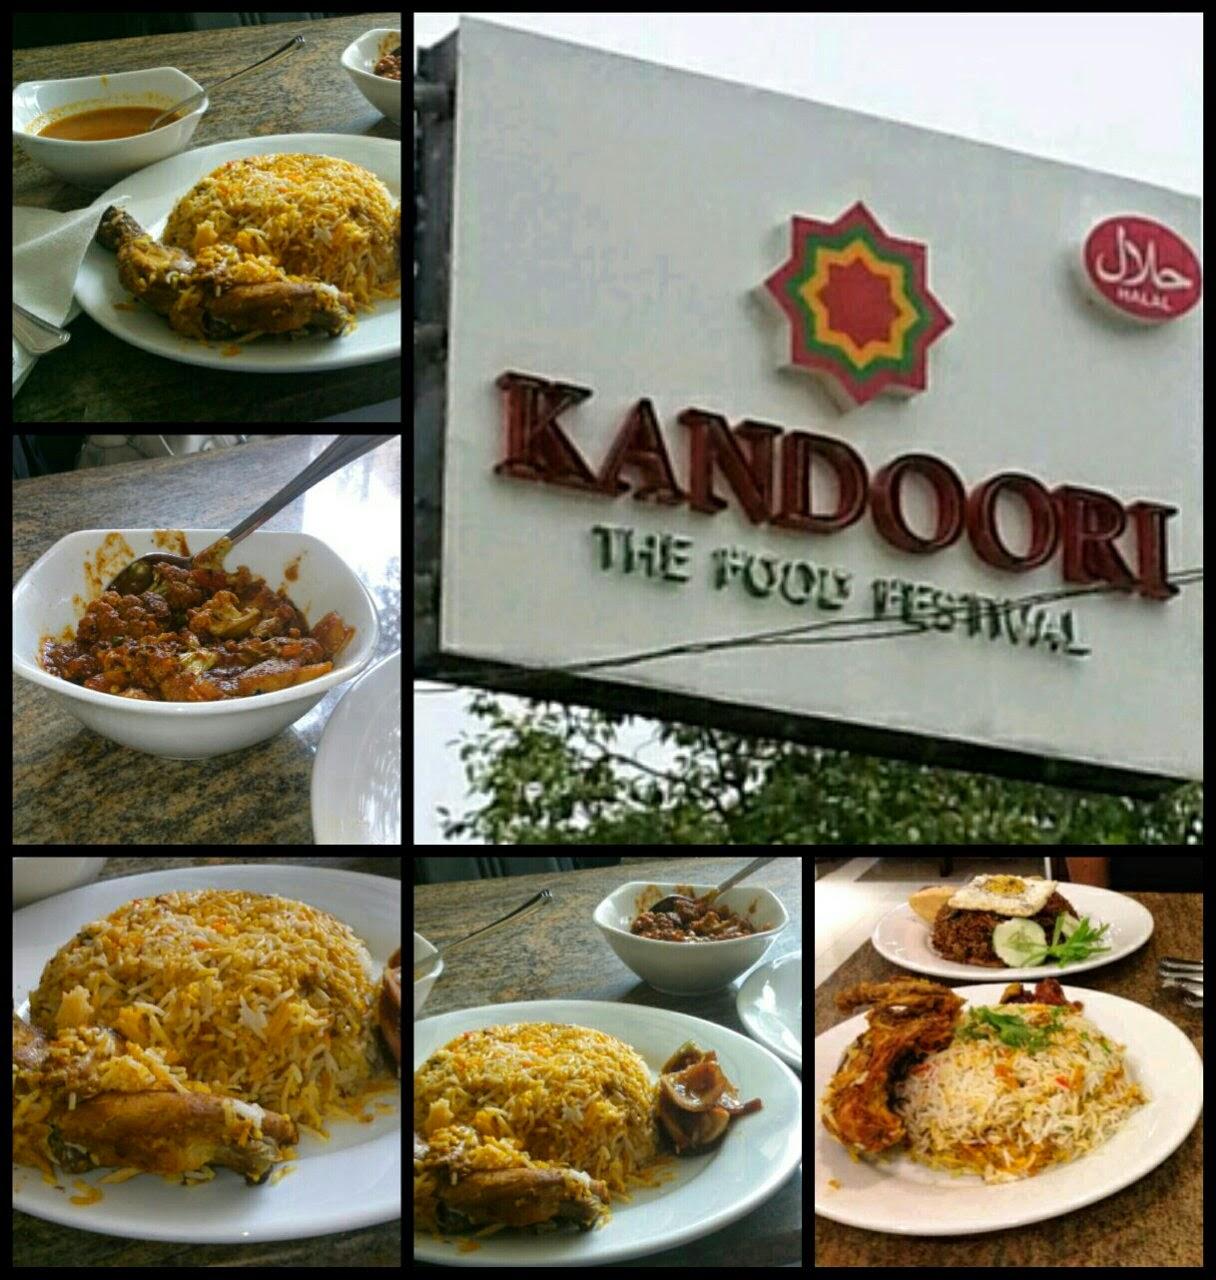 Kandoori